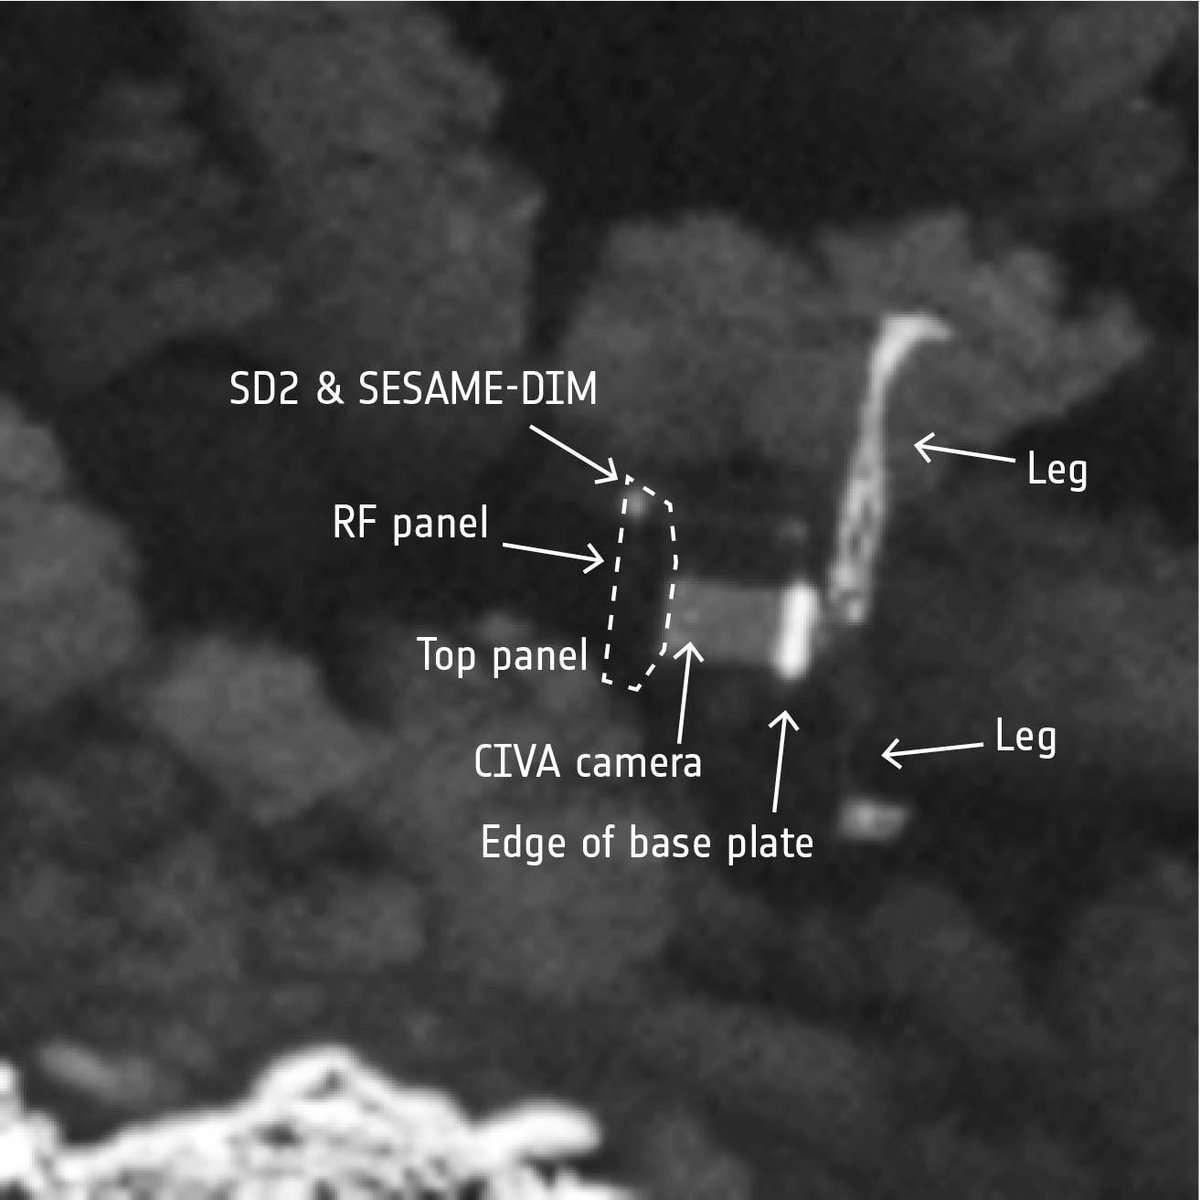 Immagine di Philae catturata da Osiris, la camera ad alta risoluzione a bordo della sonda Rosetta